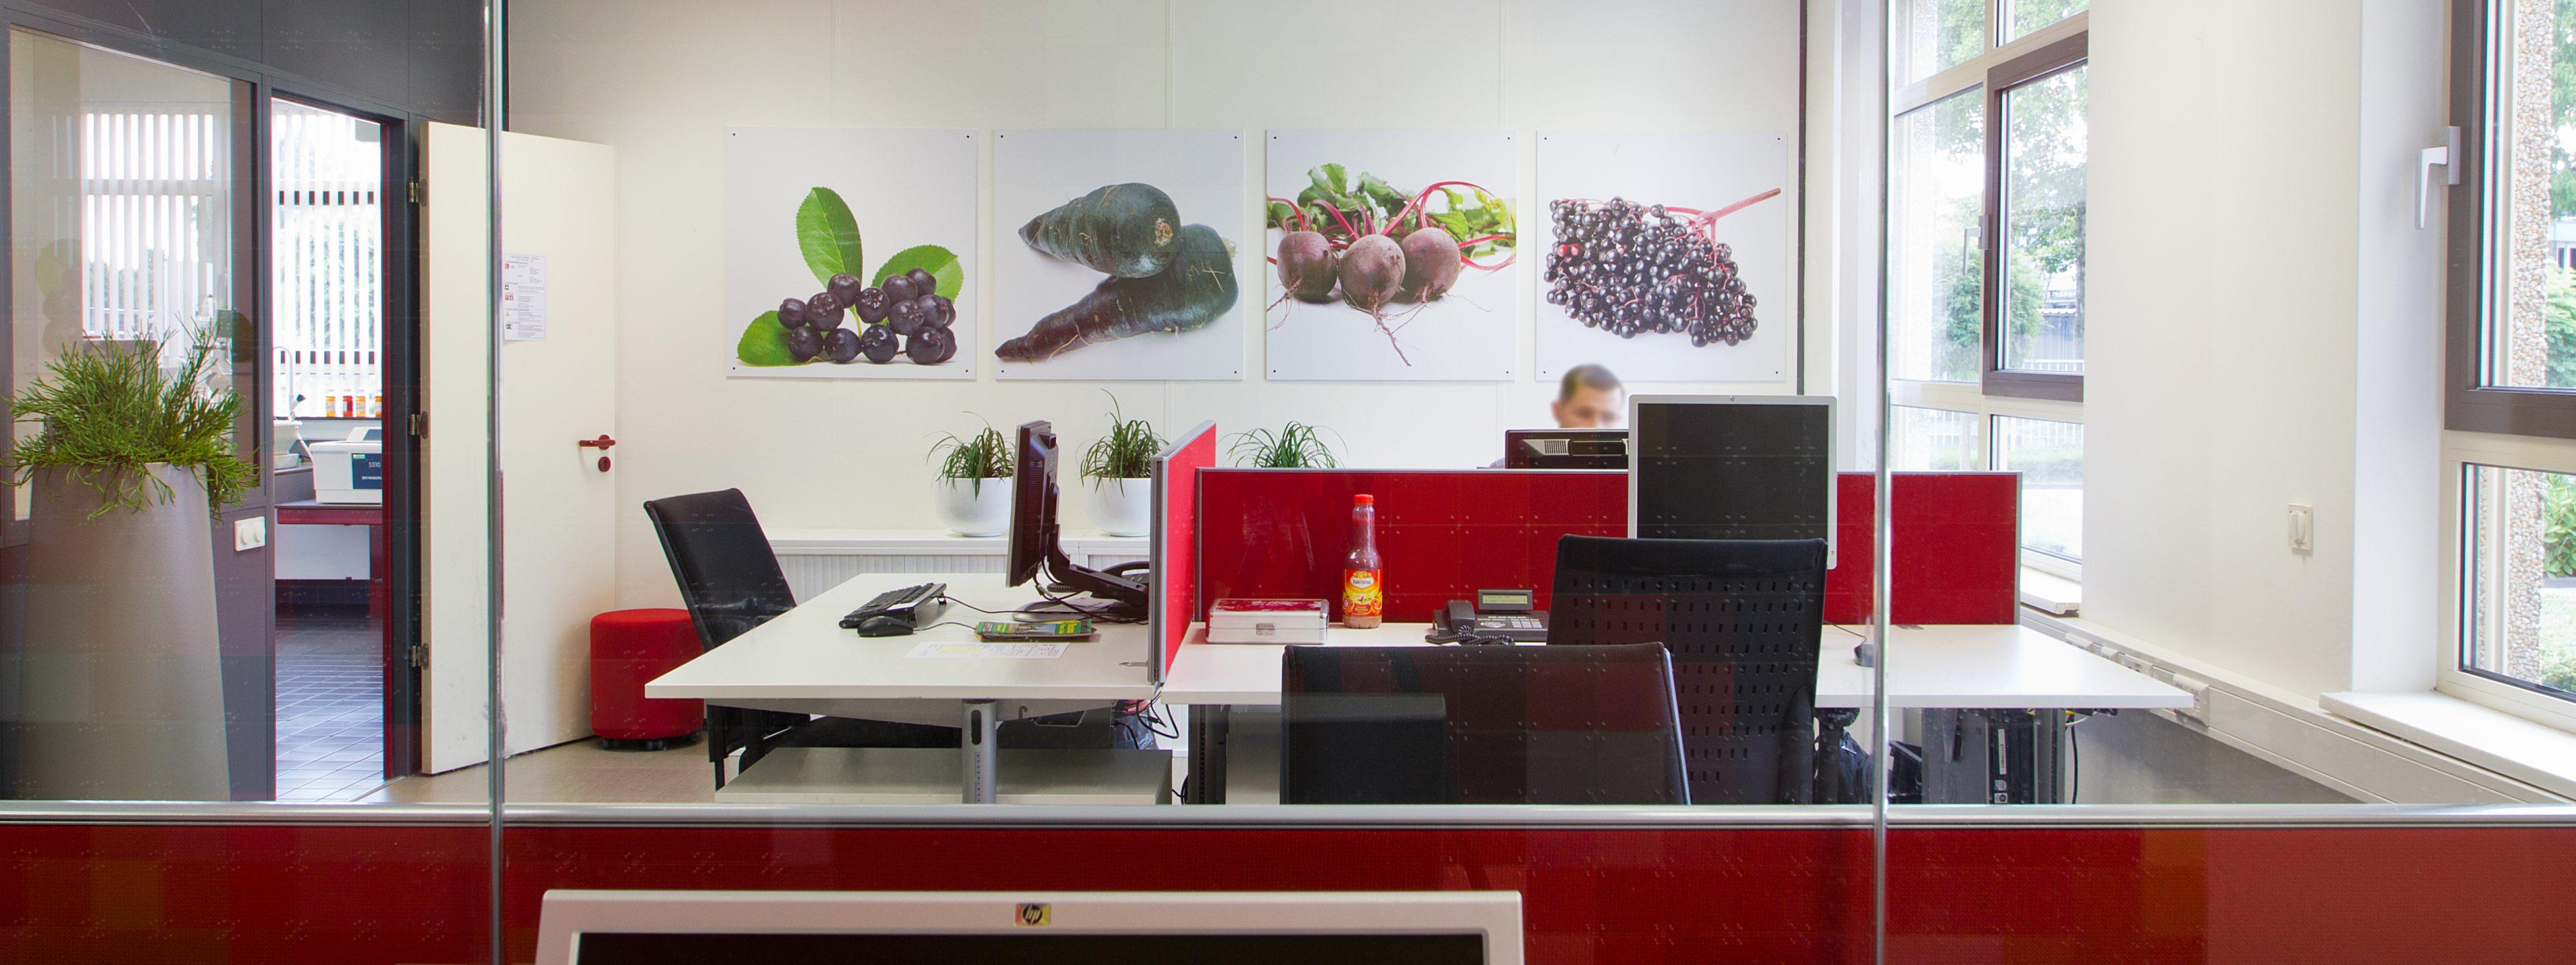 2012_08_24 - Topperprojecten SVZ (113)PANHR